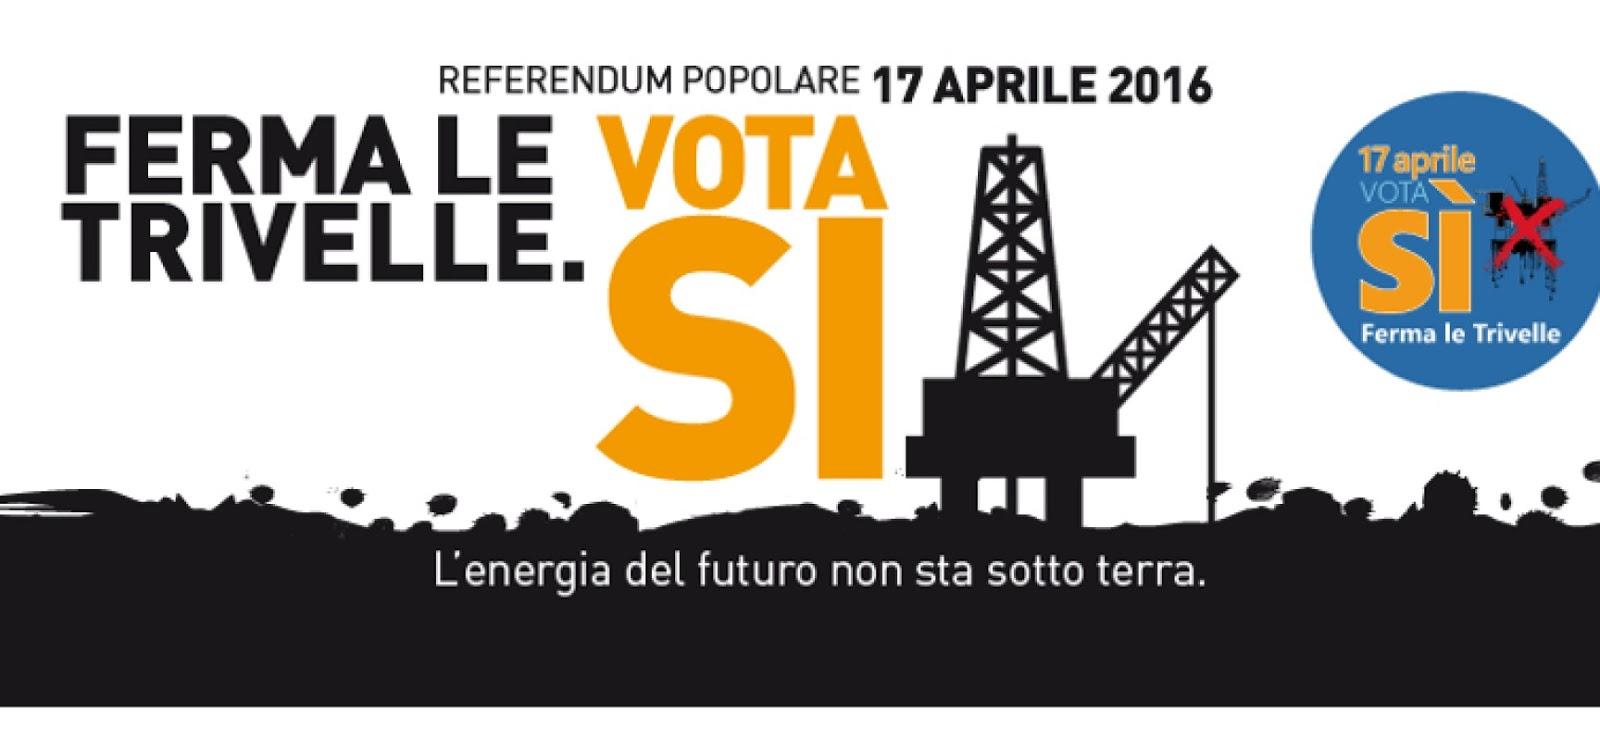 motivazioni votare si referendum trivelle 17 aprile